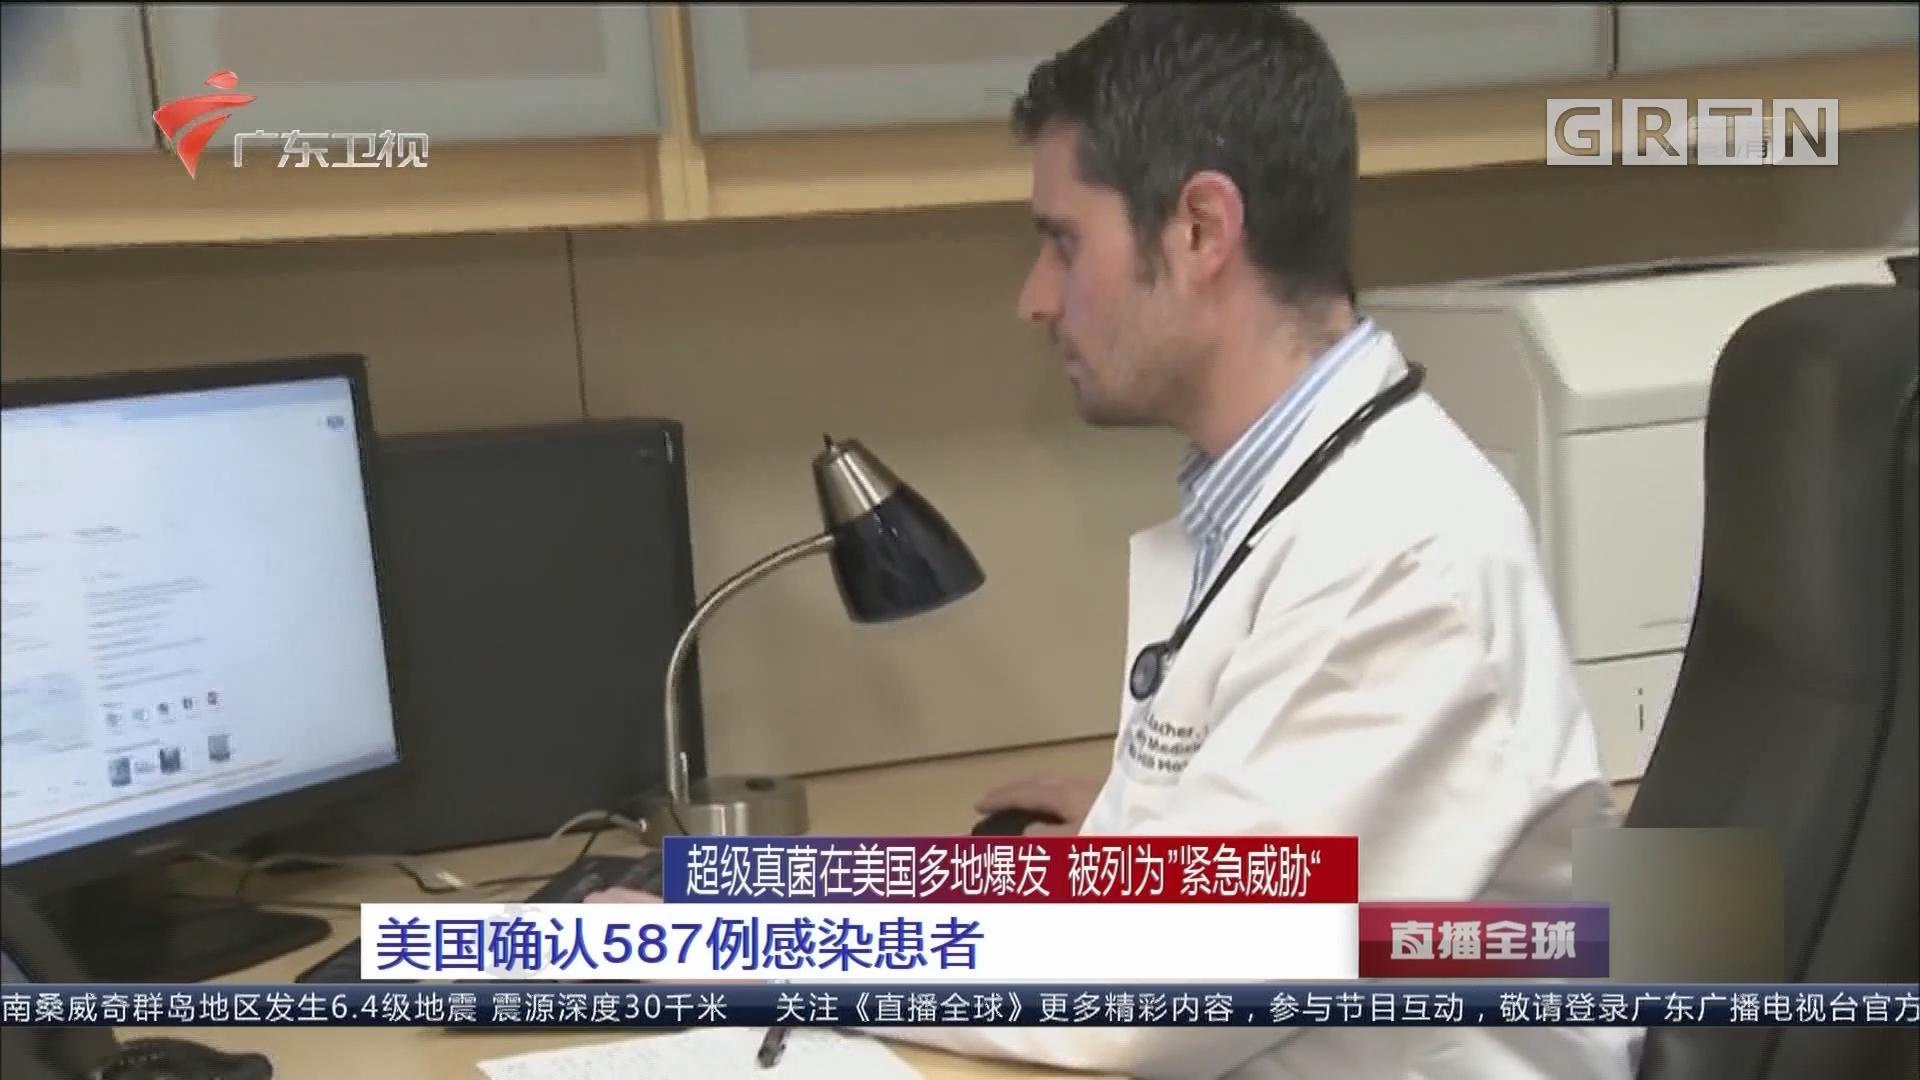 """超级真菌在美国多地爆发 被列为""""紧急威胁"""" 美国确认587例感染患者"""